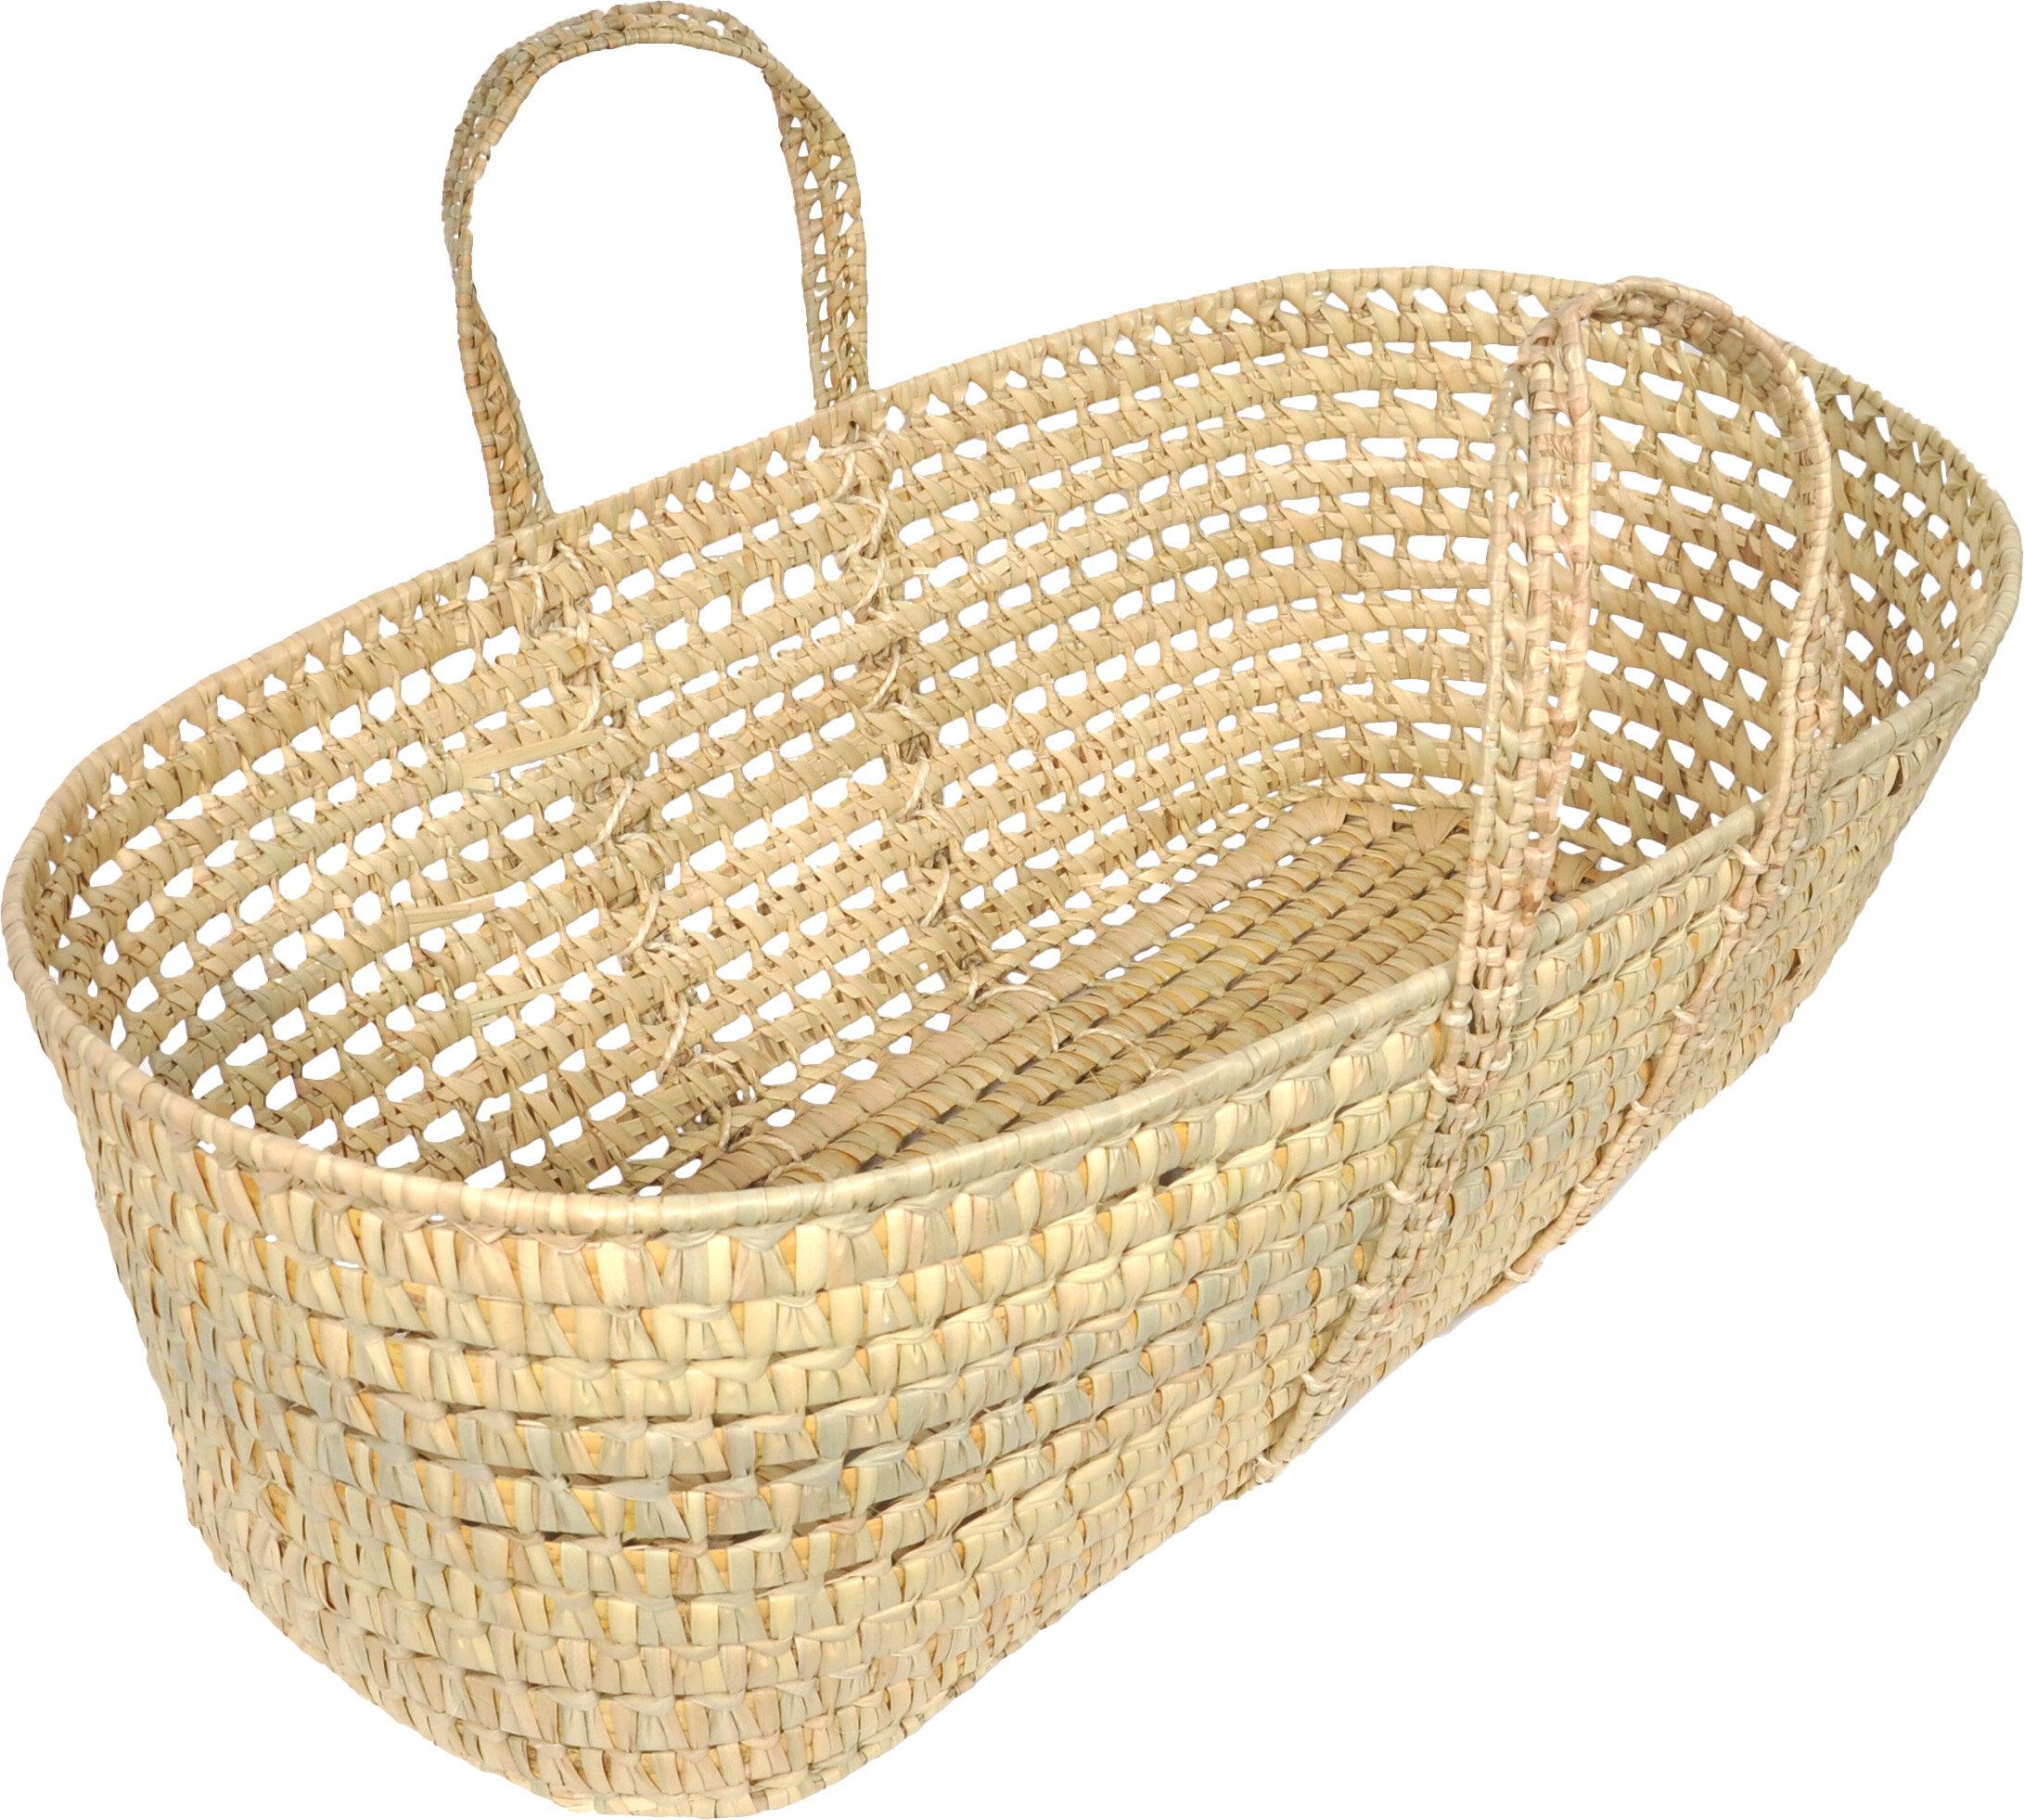 Sleeping Partners 2 Wicker Basket & Reviews   Wayfair